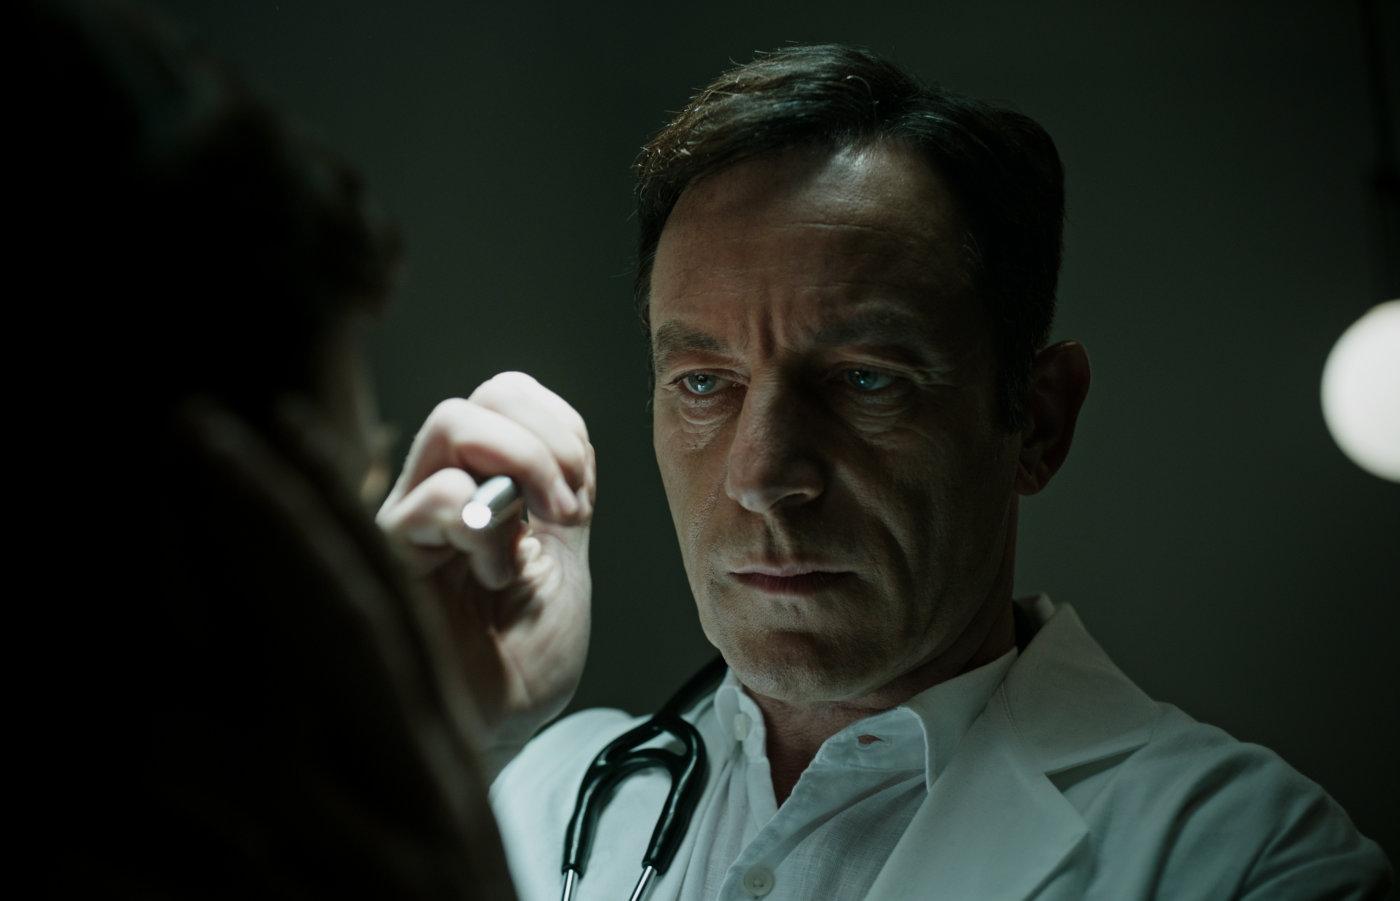 лекарство от здоровья в кинотеатрах челябинска